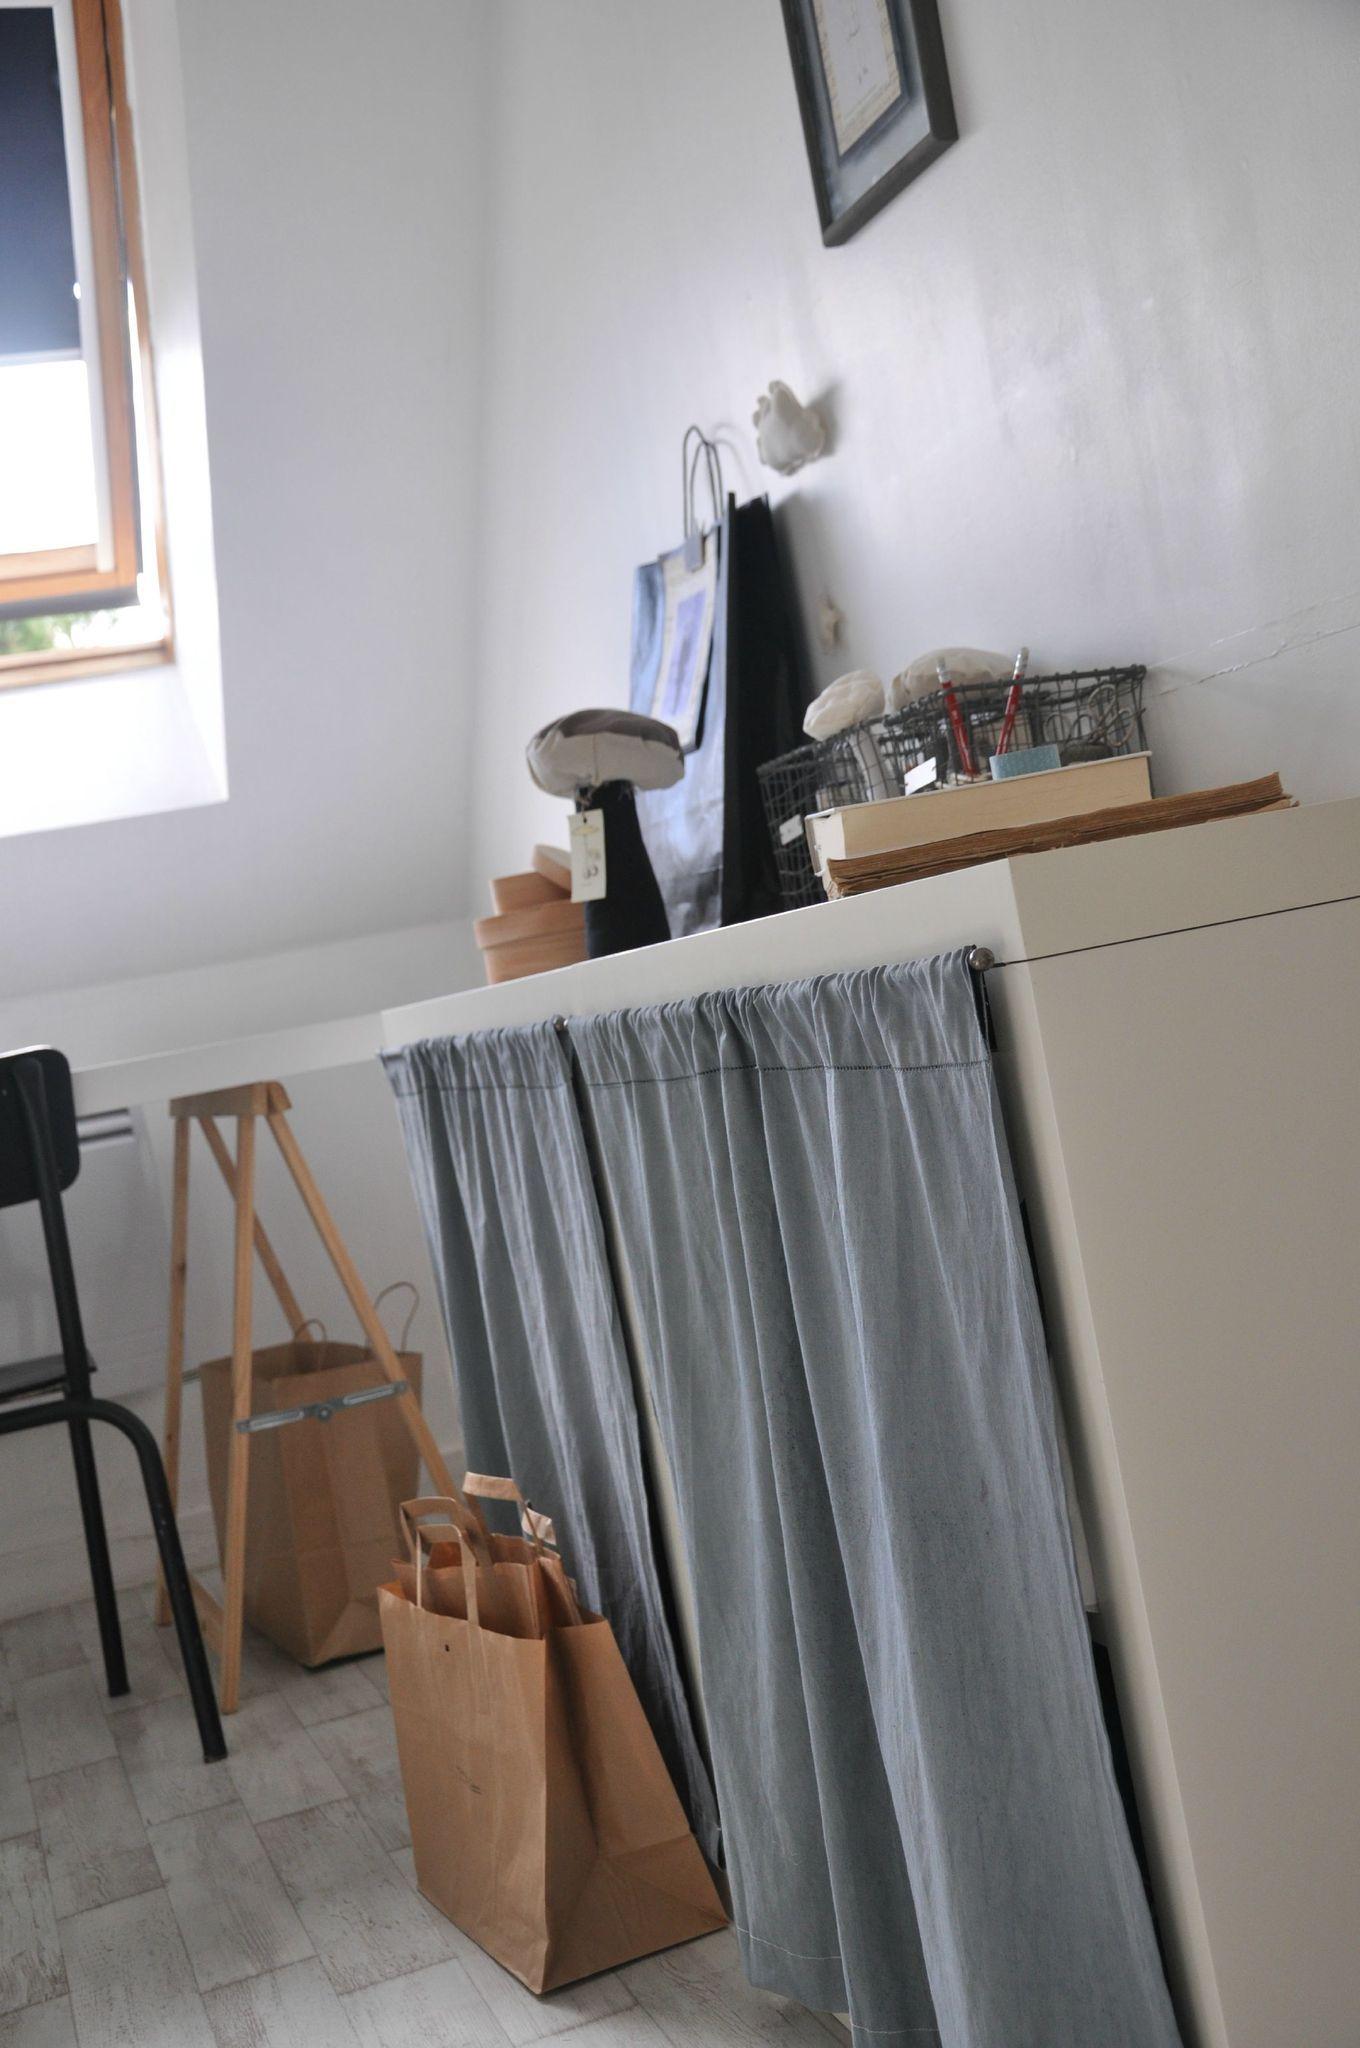 Rideaux en m tis teinture grise mobilier de salon - Rideaux salle a manger salon ...